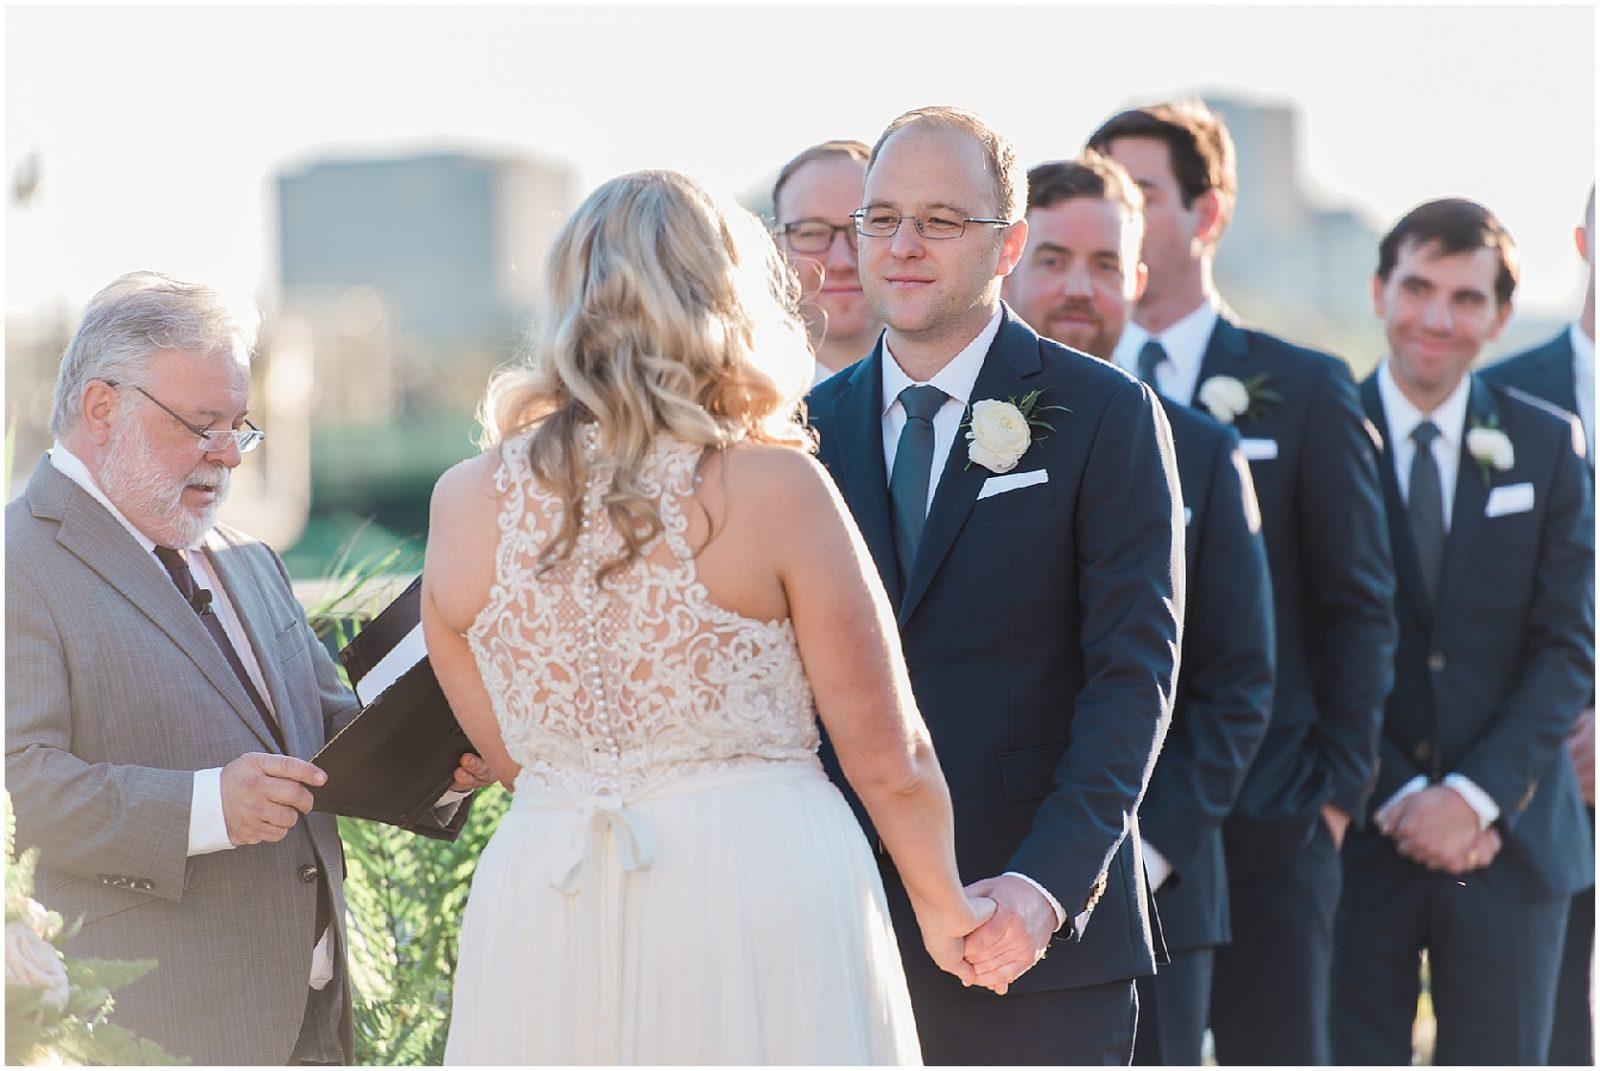 0146 SS-Late Summer Wedding at Zibi - Ottawa_PhotosbyEmmaH_WEB.jpg